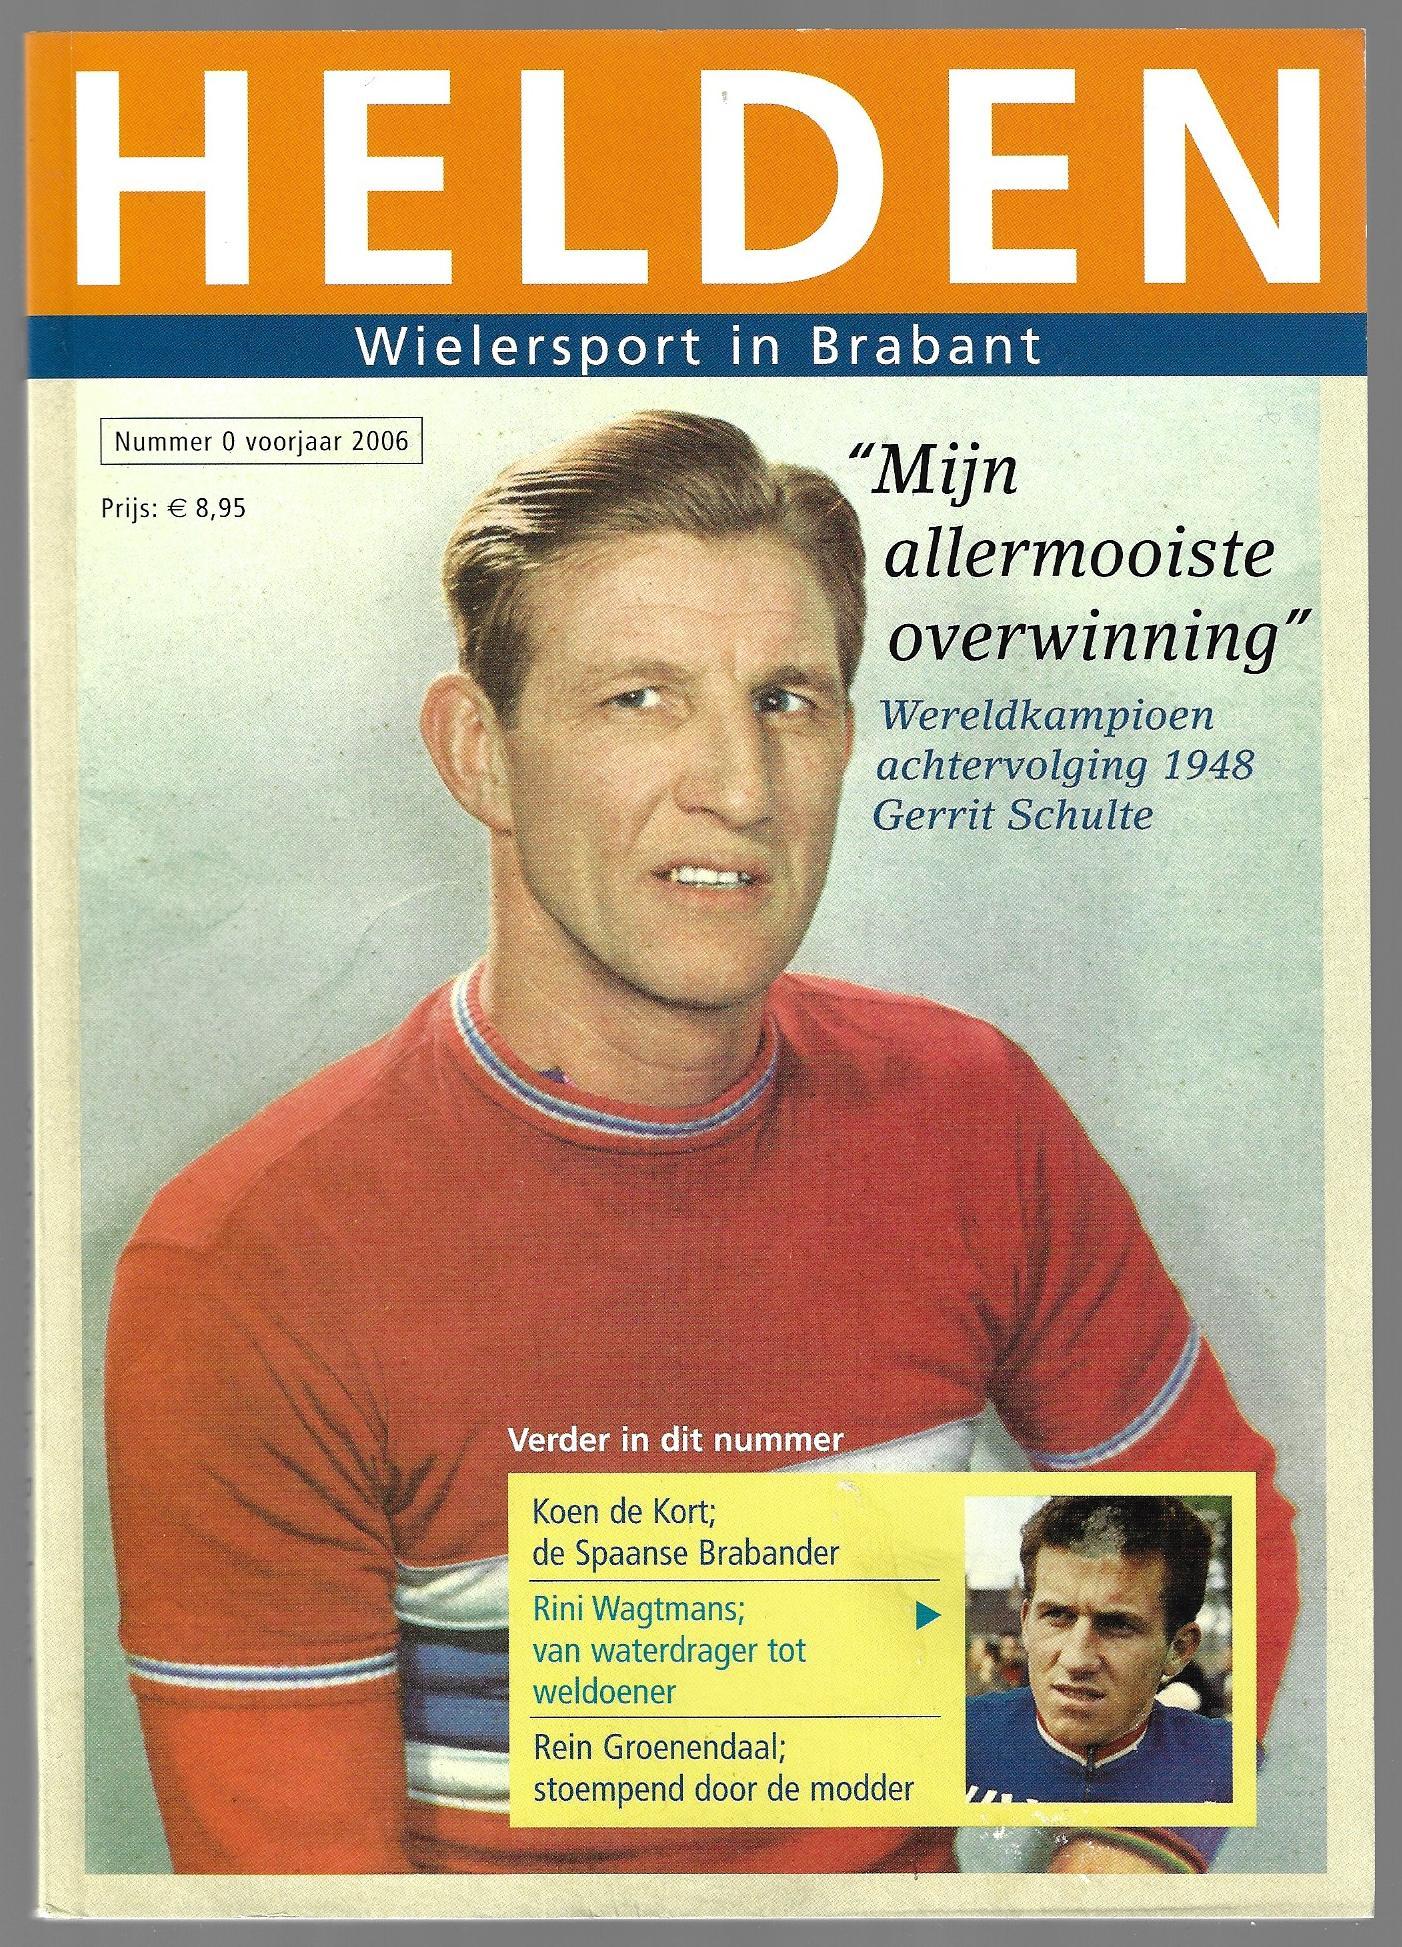 Helden Wielersport in Branb...